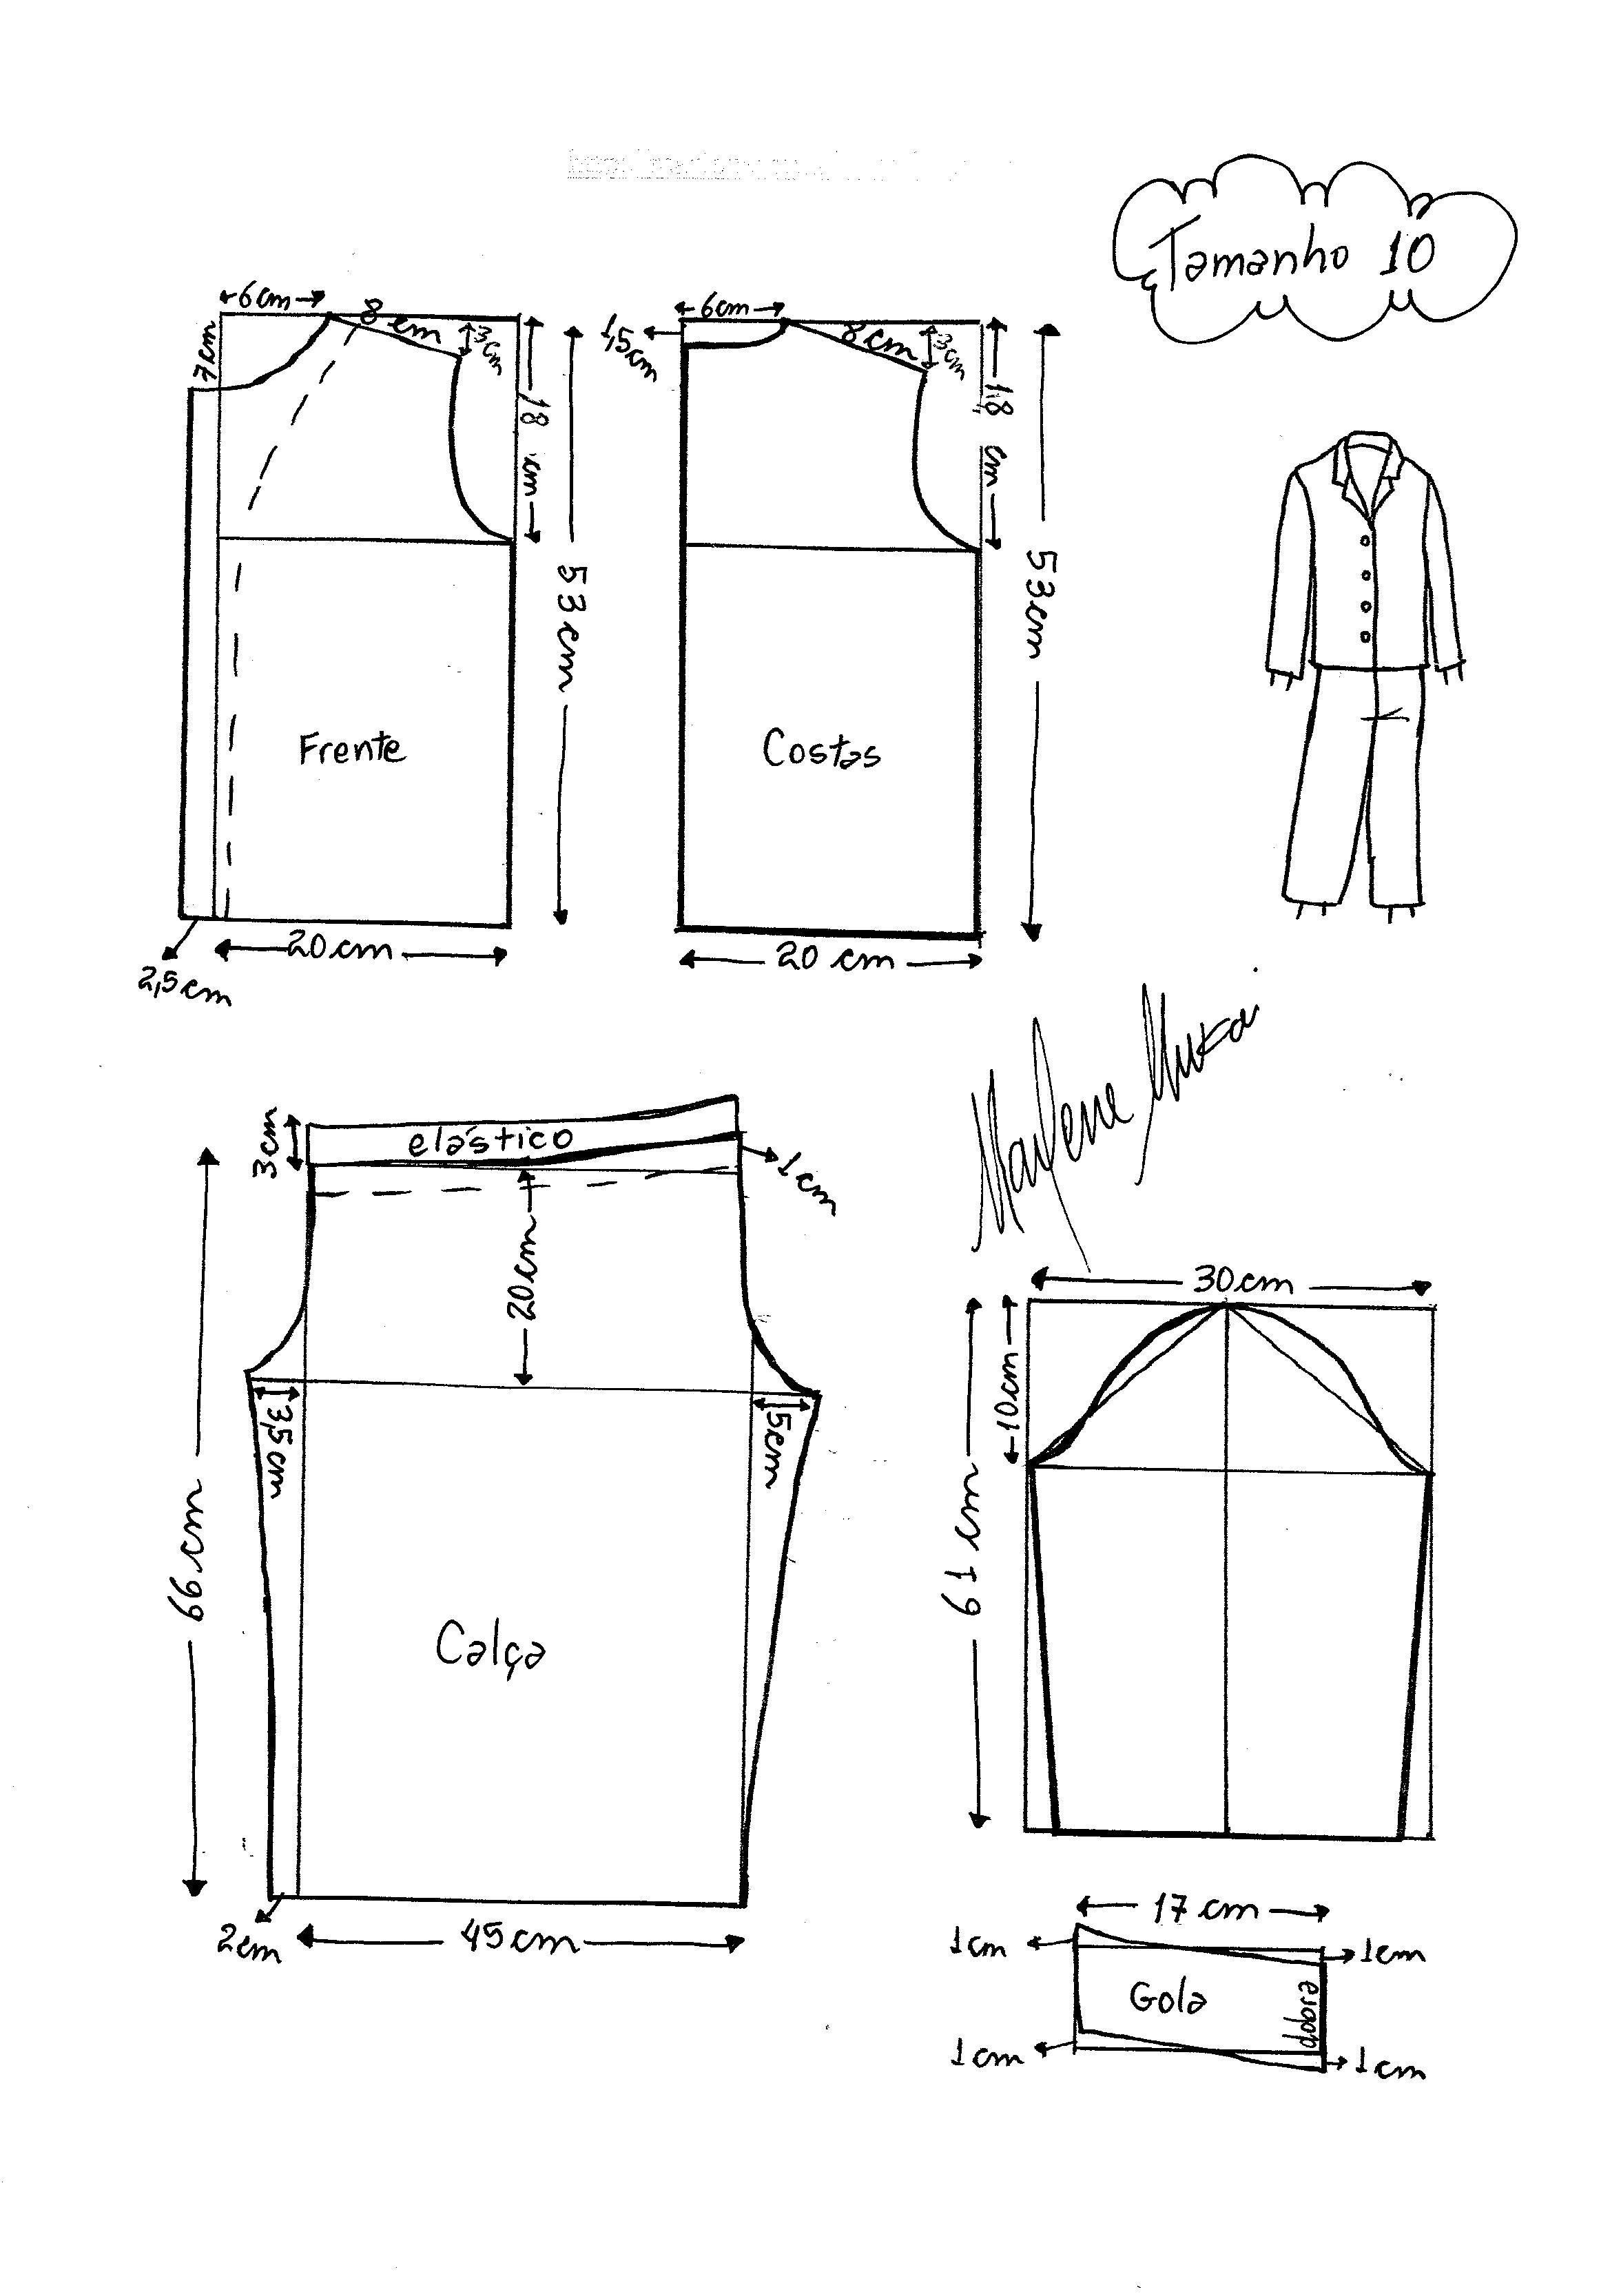 Pin de Oleyda Castro en patrones | Sewing, Sewing patterns y Pattern